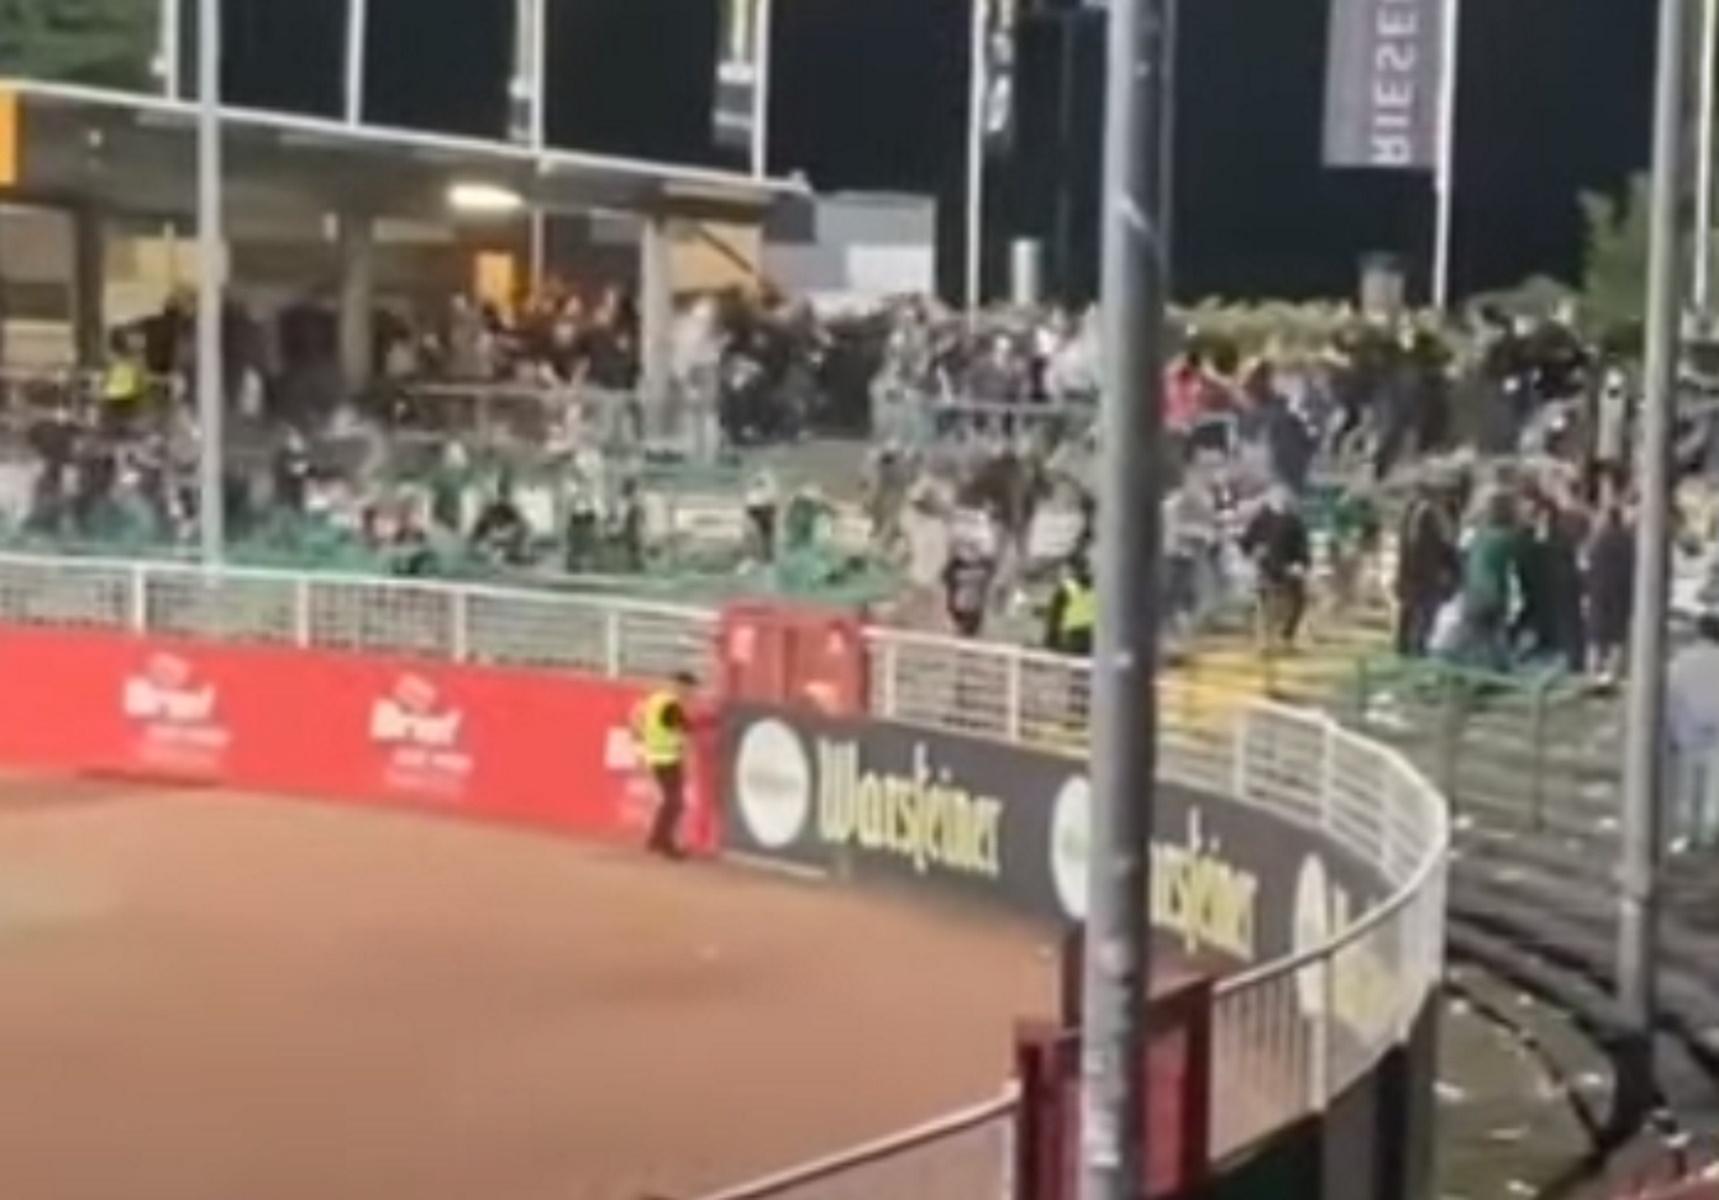 «Χαμός» σε αγώνα Δ΄ εθνική της Γερμανίας – Τριάντα τραυματίες, δυο σε κρίσιμη κατάσταση